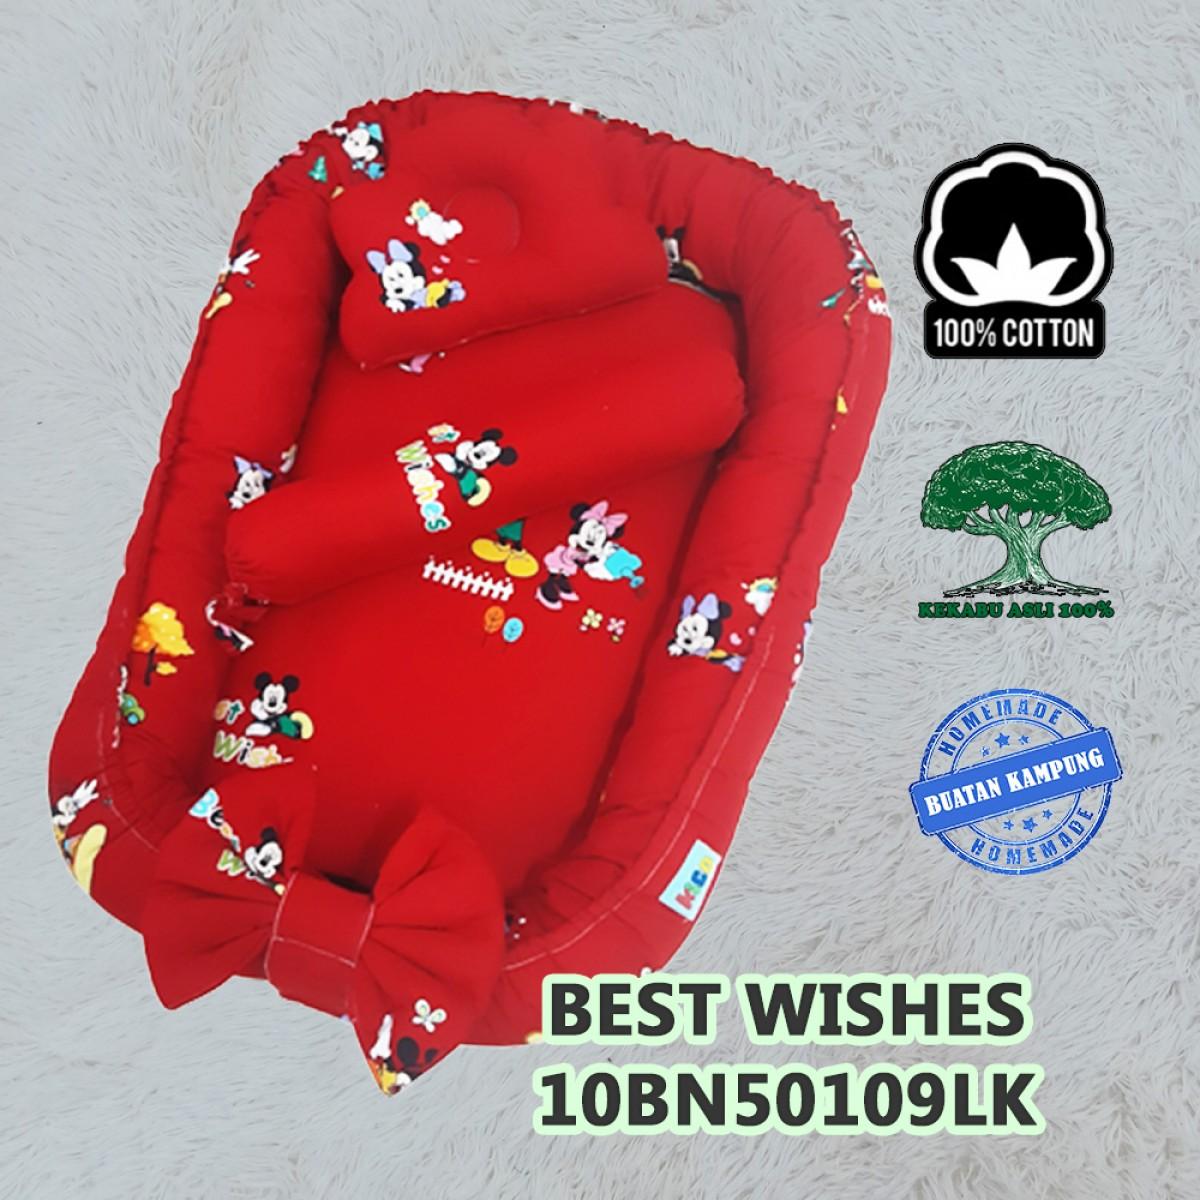 Best Wishes - Kico Baby Center